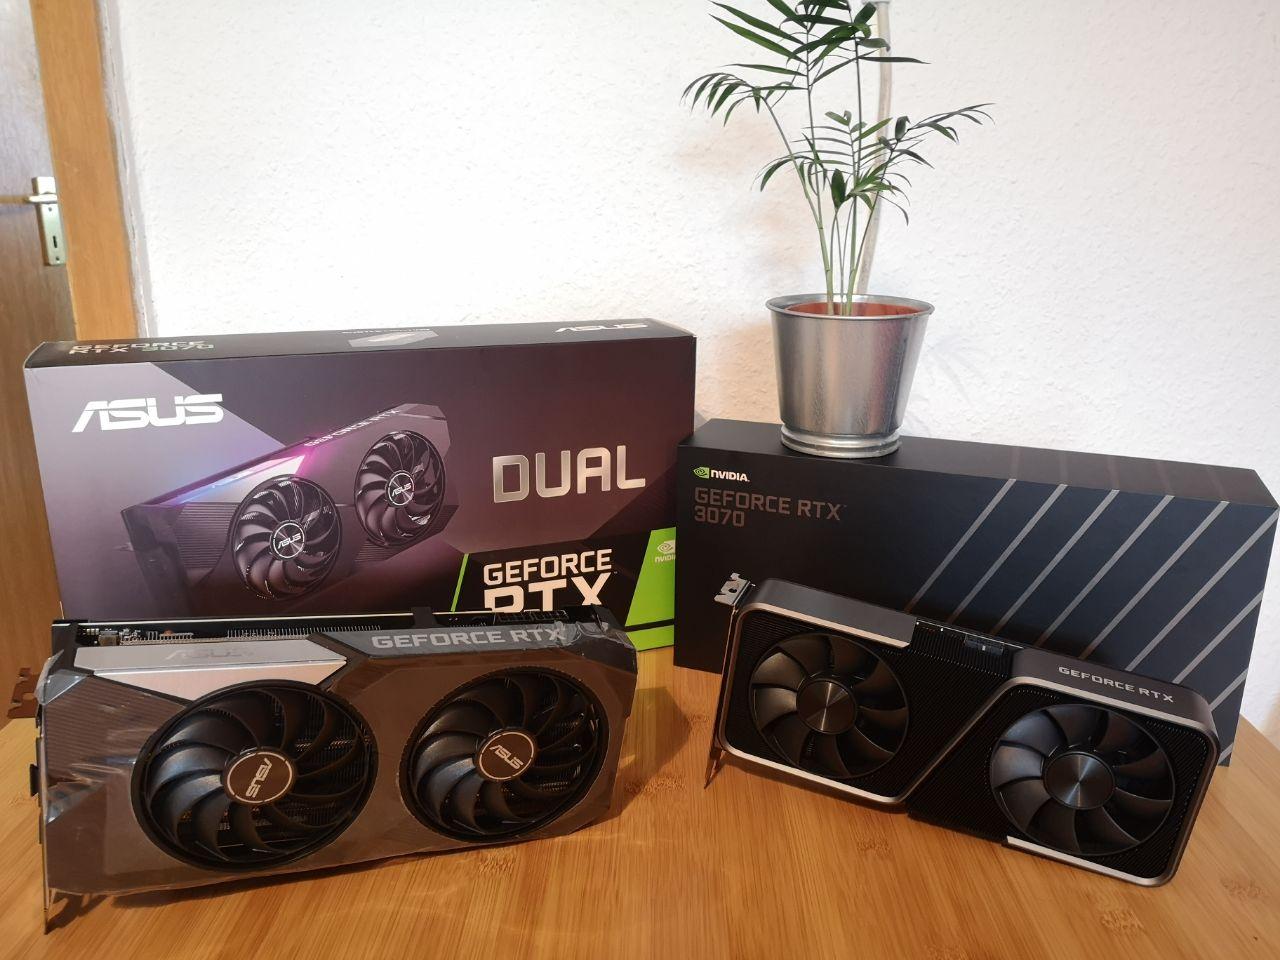 Die Asus Dual GeForce RTX 3070 OC und die GeForce RTX 3070 FE im Vergleichstest